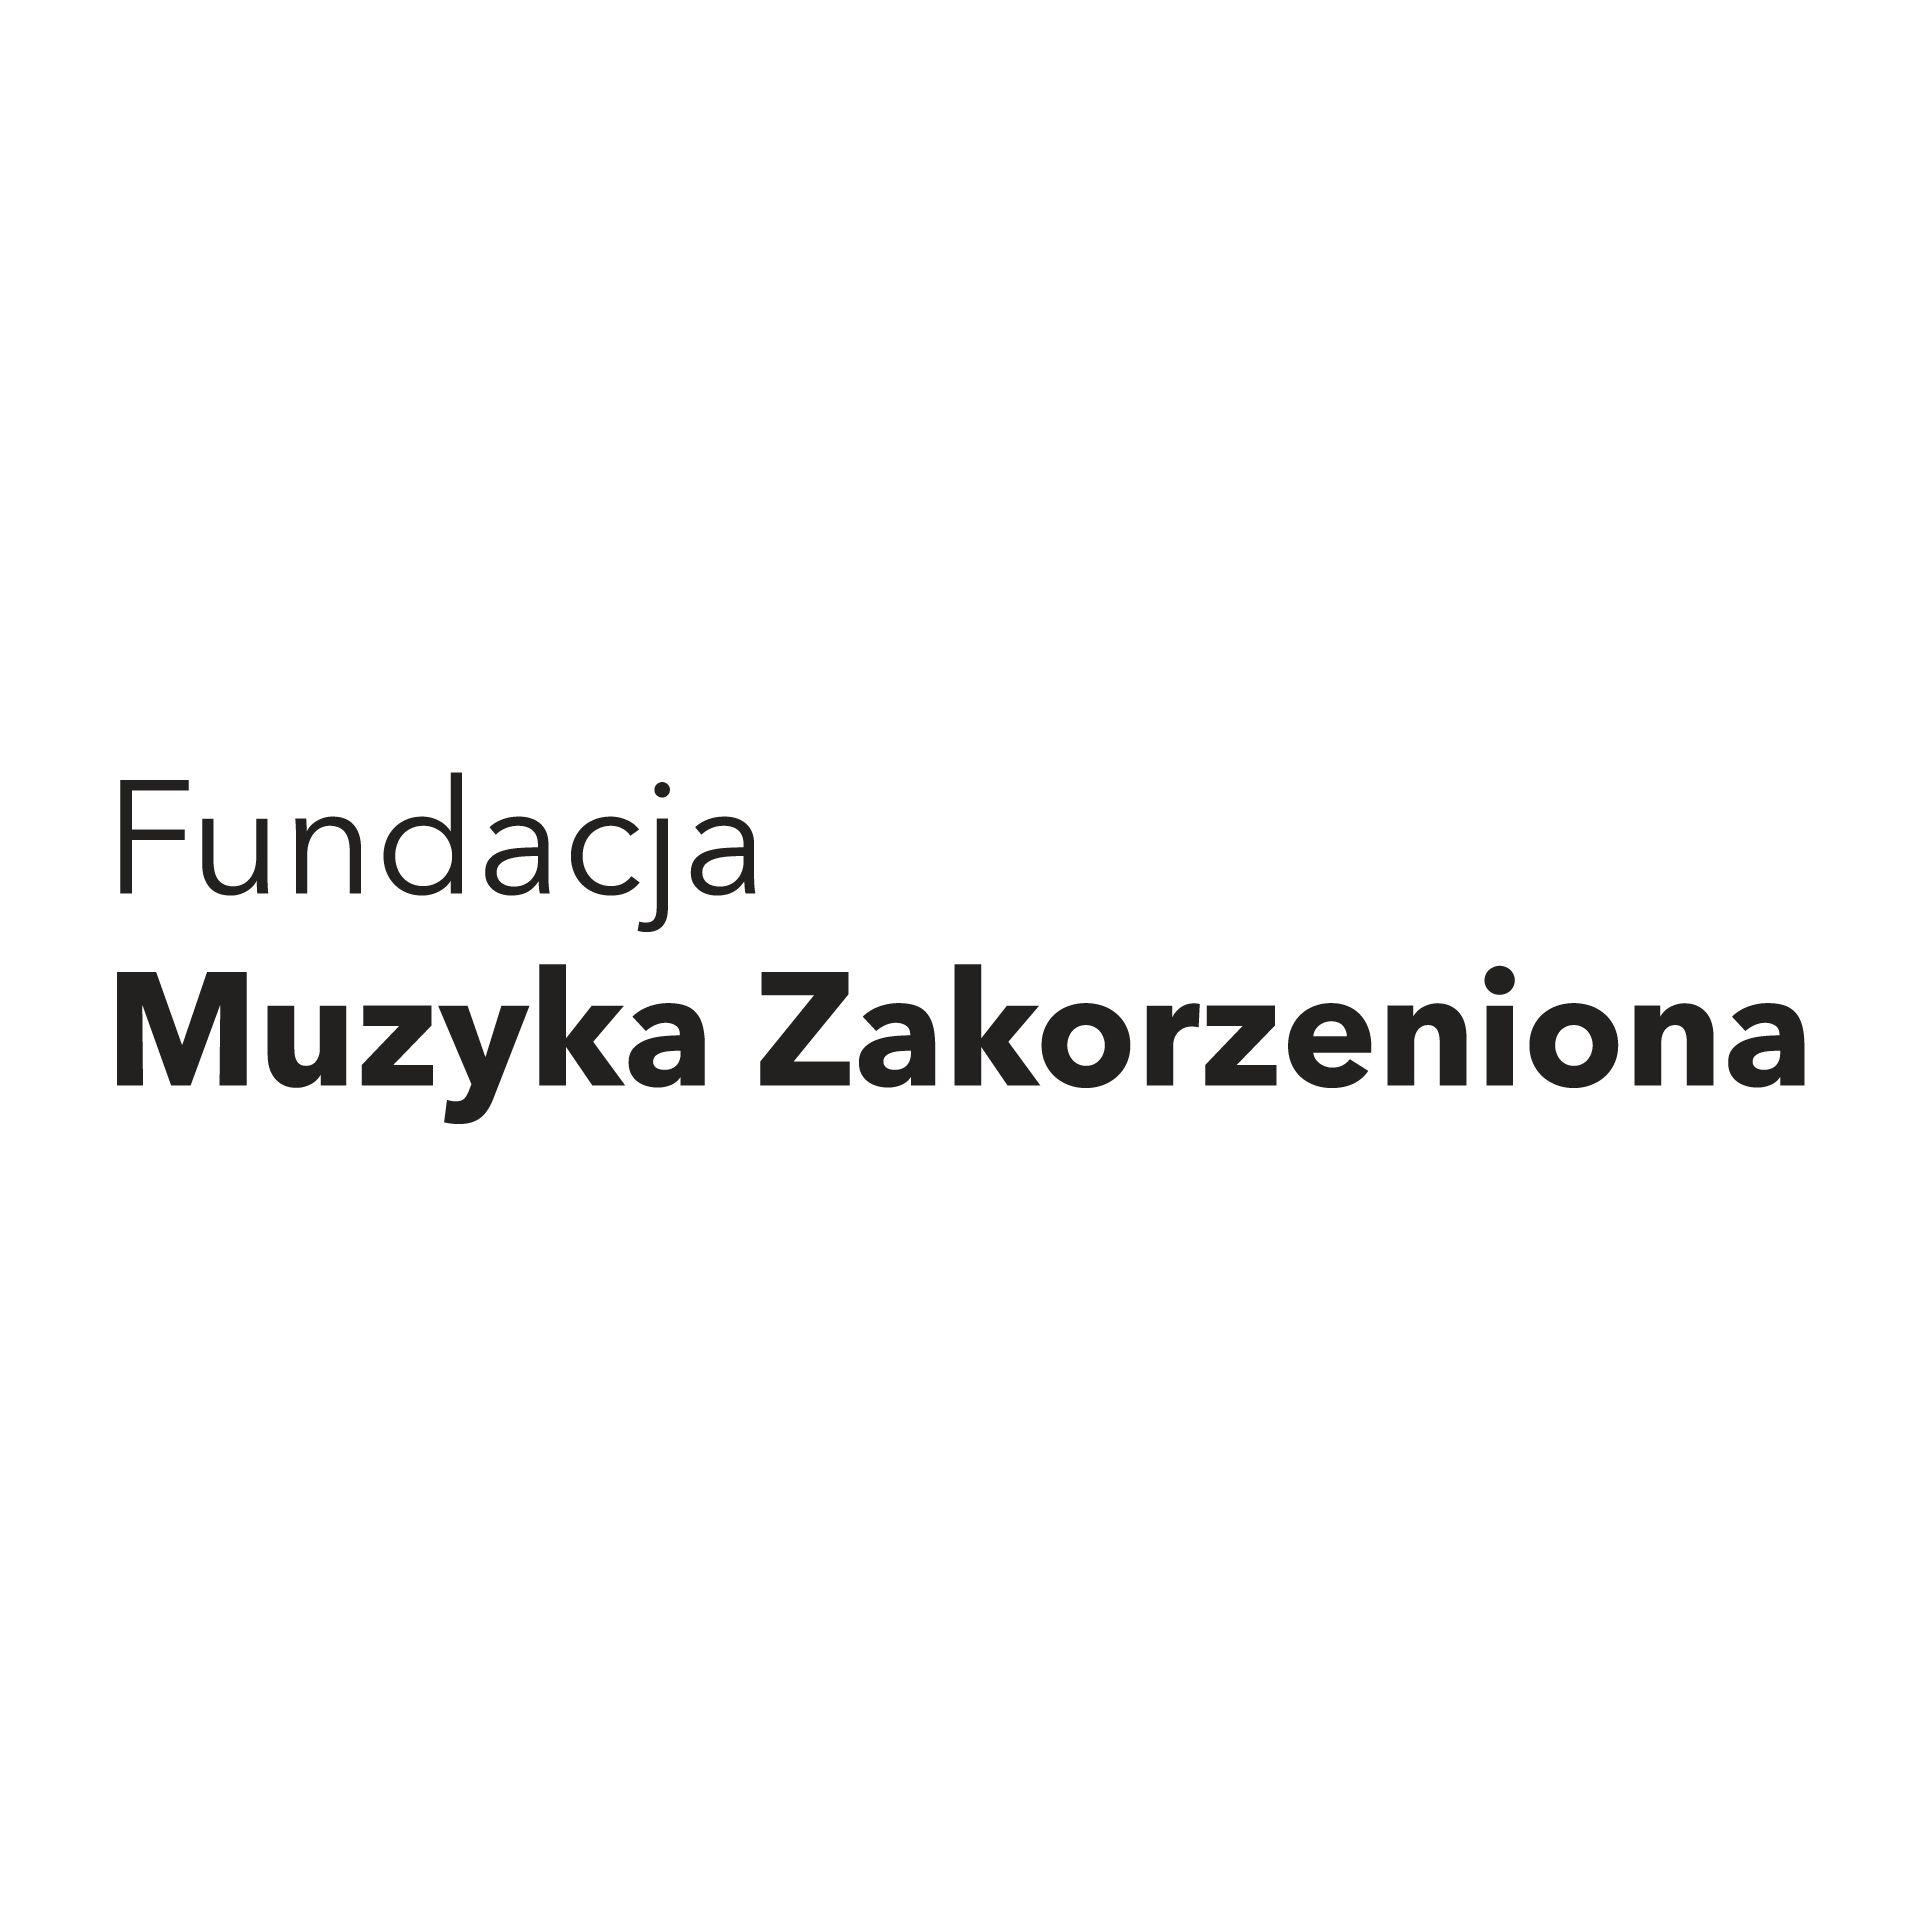 Fundacja Muzyka Zakorzeniona